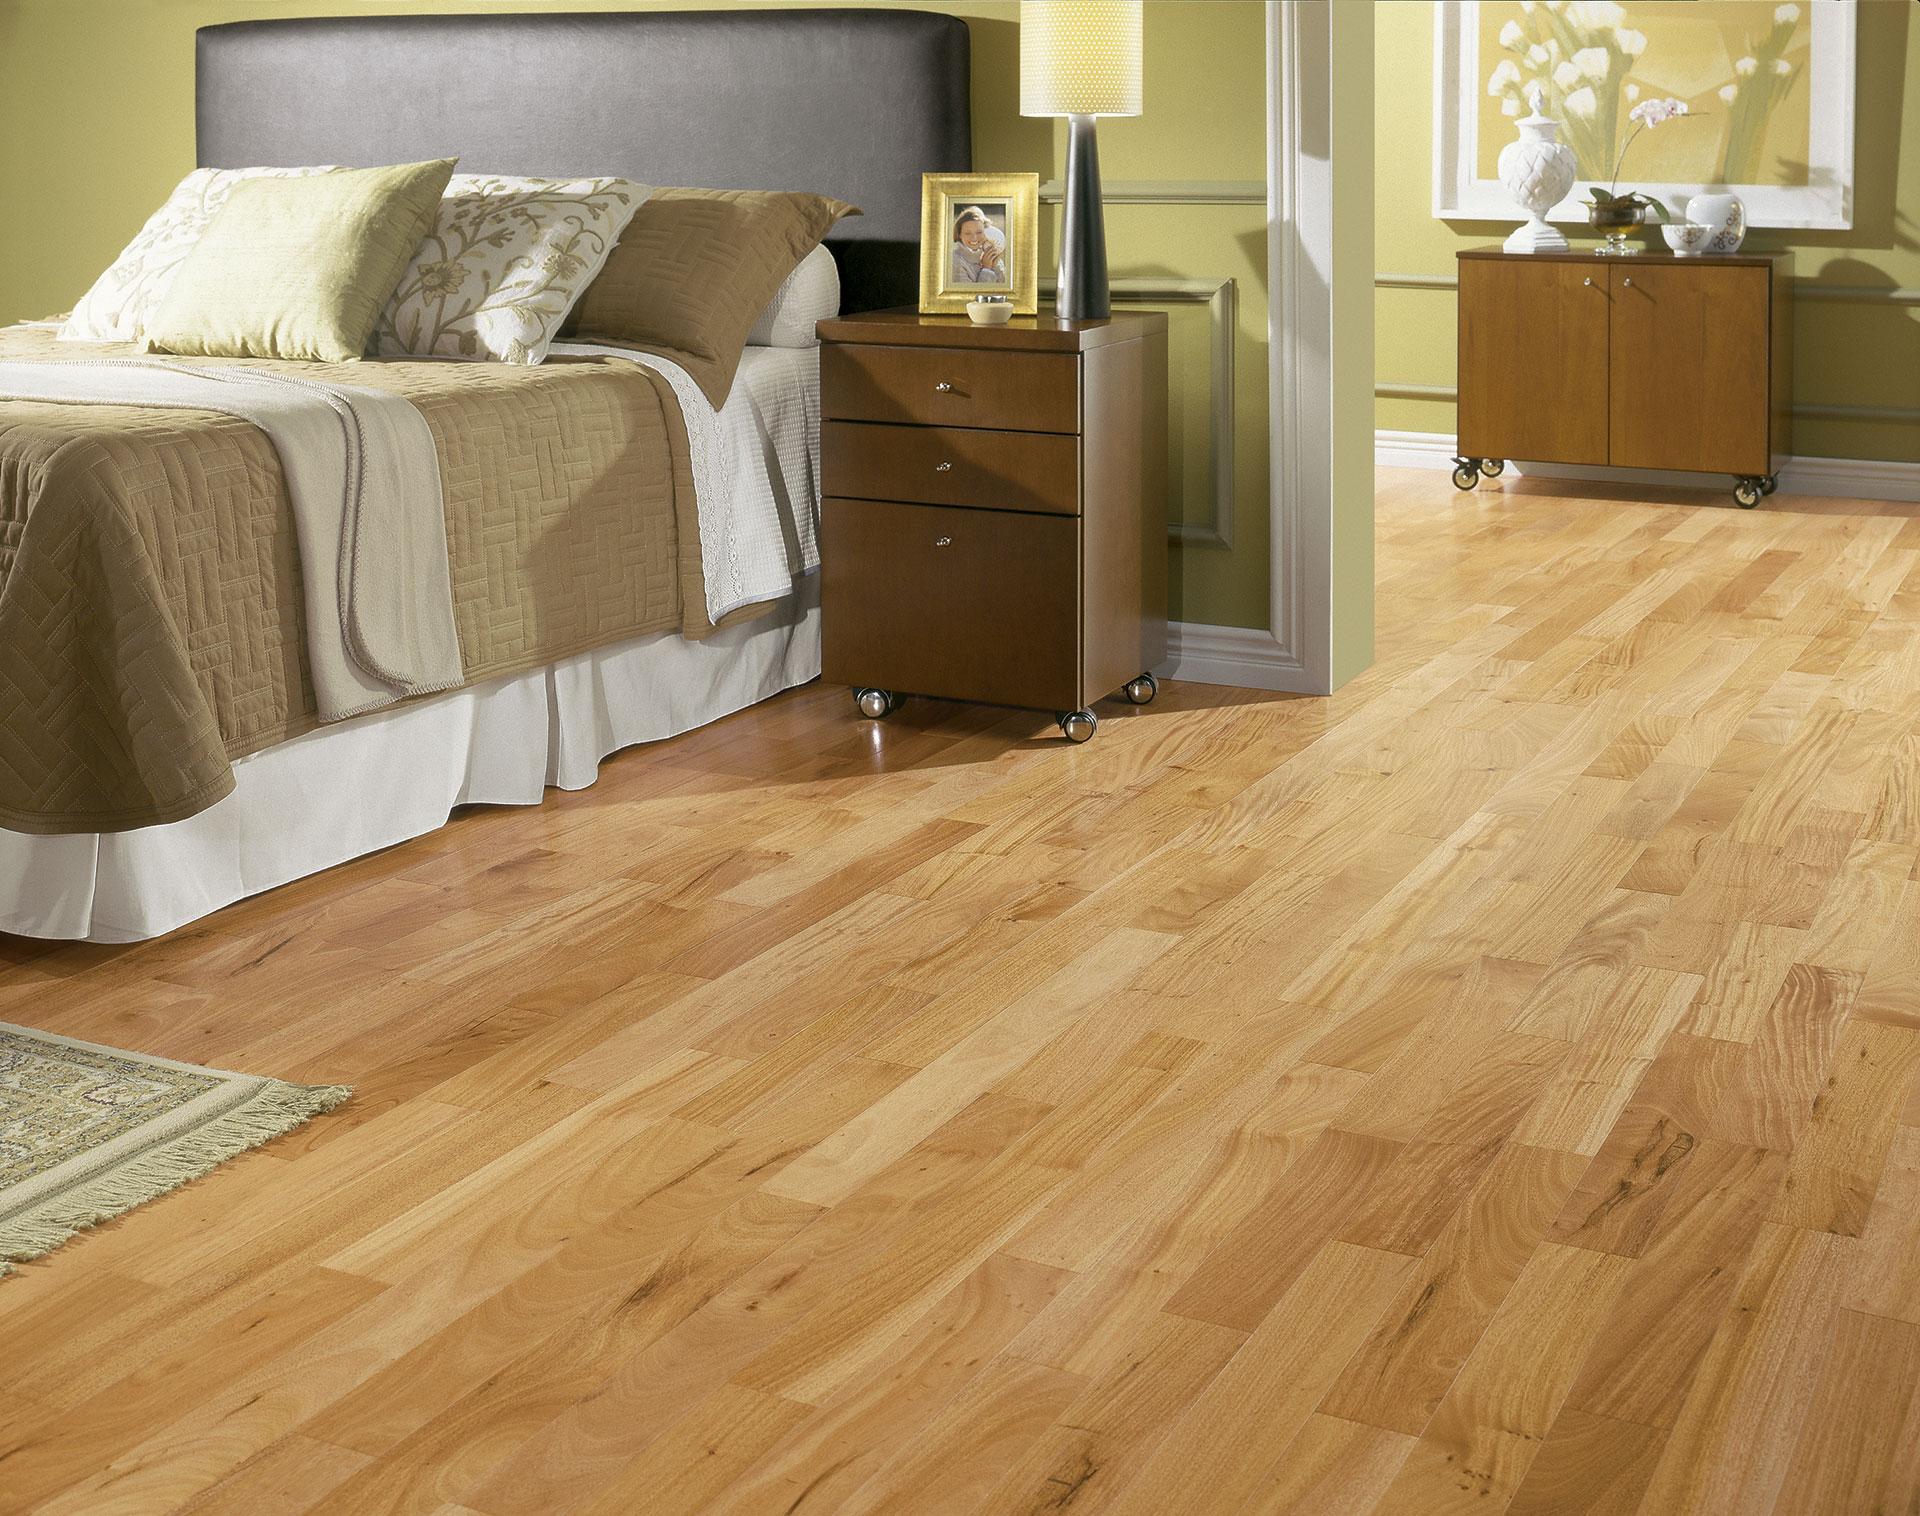 mildmay bruce floors ontario on hwy south floor flooring hours bus hardwood opening